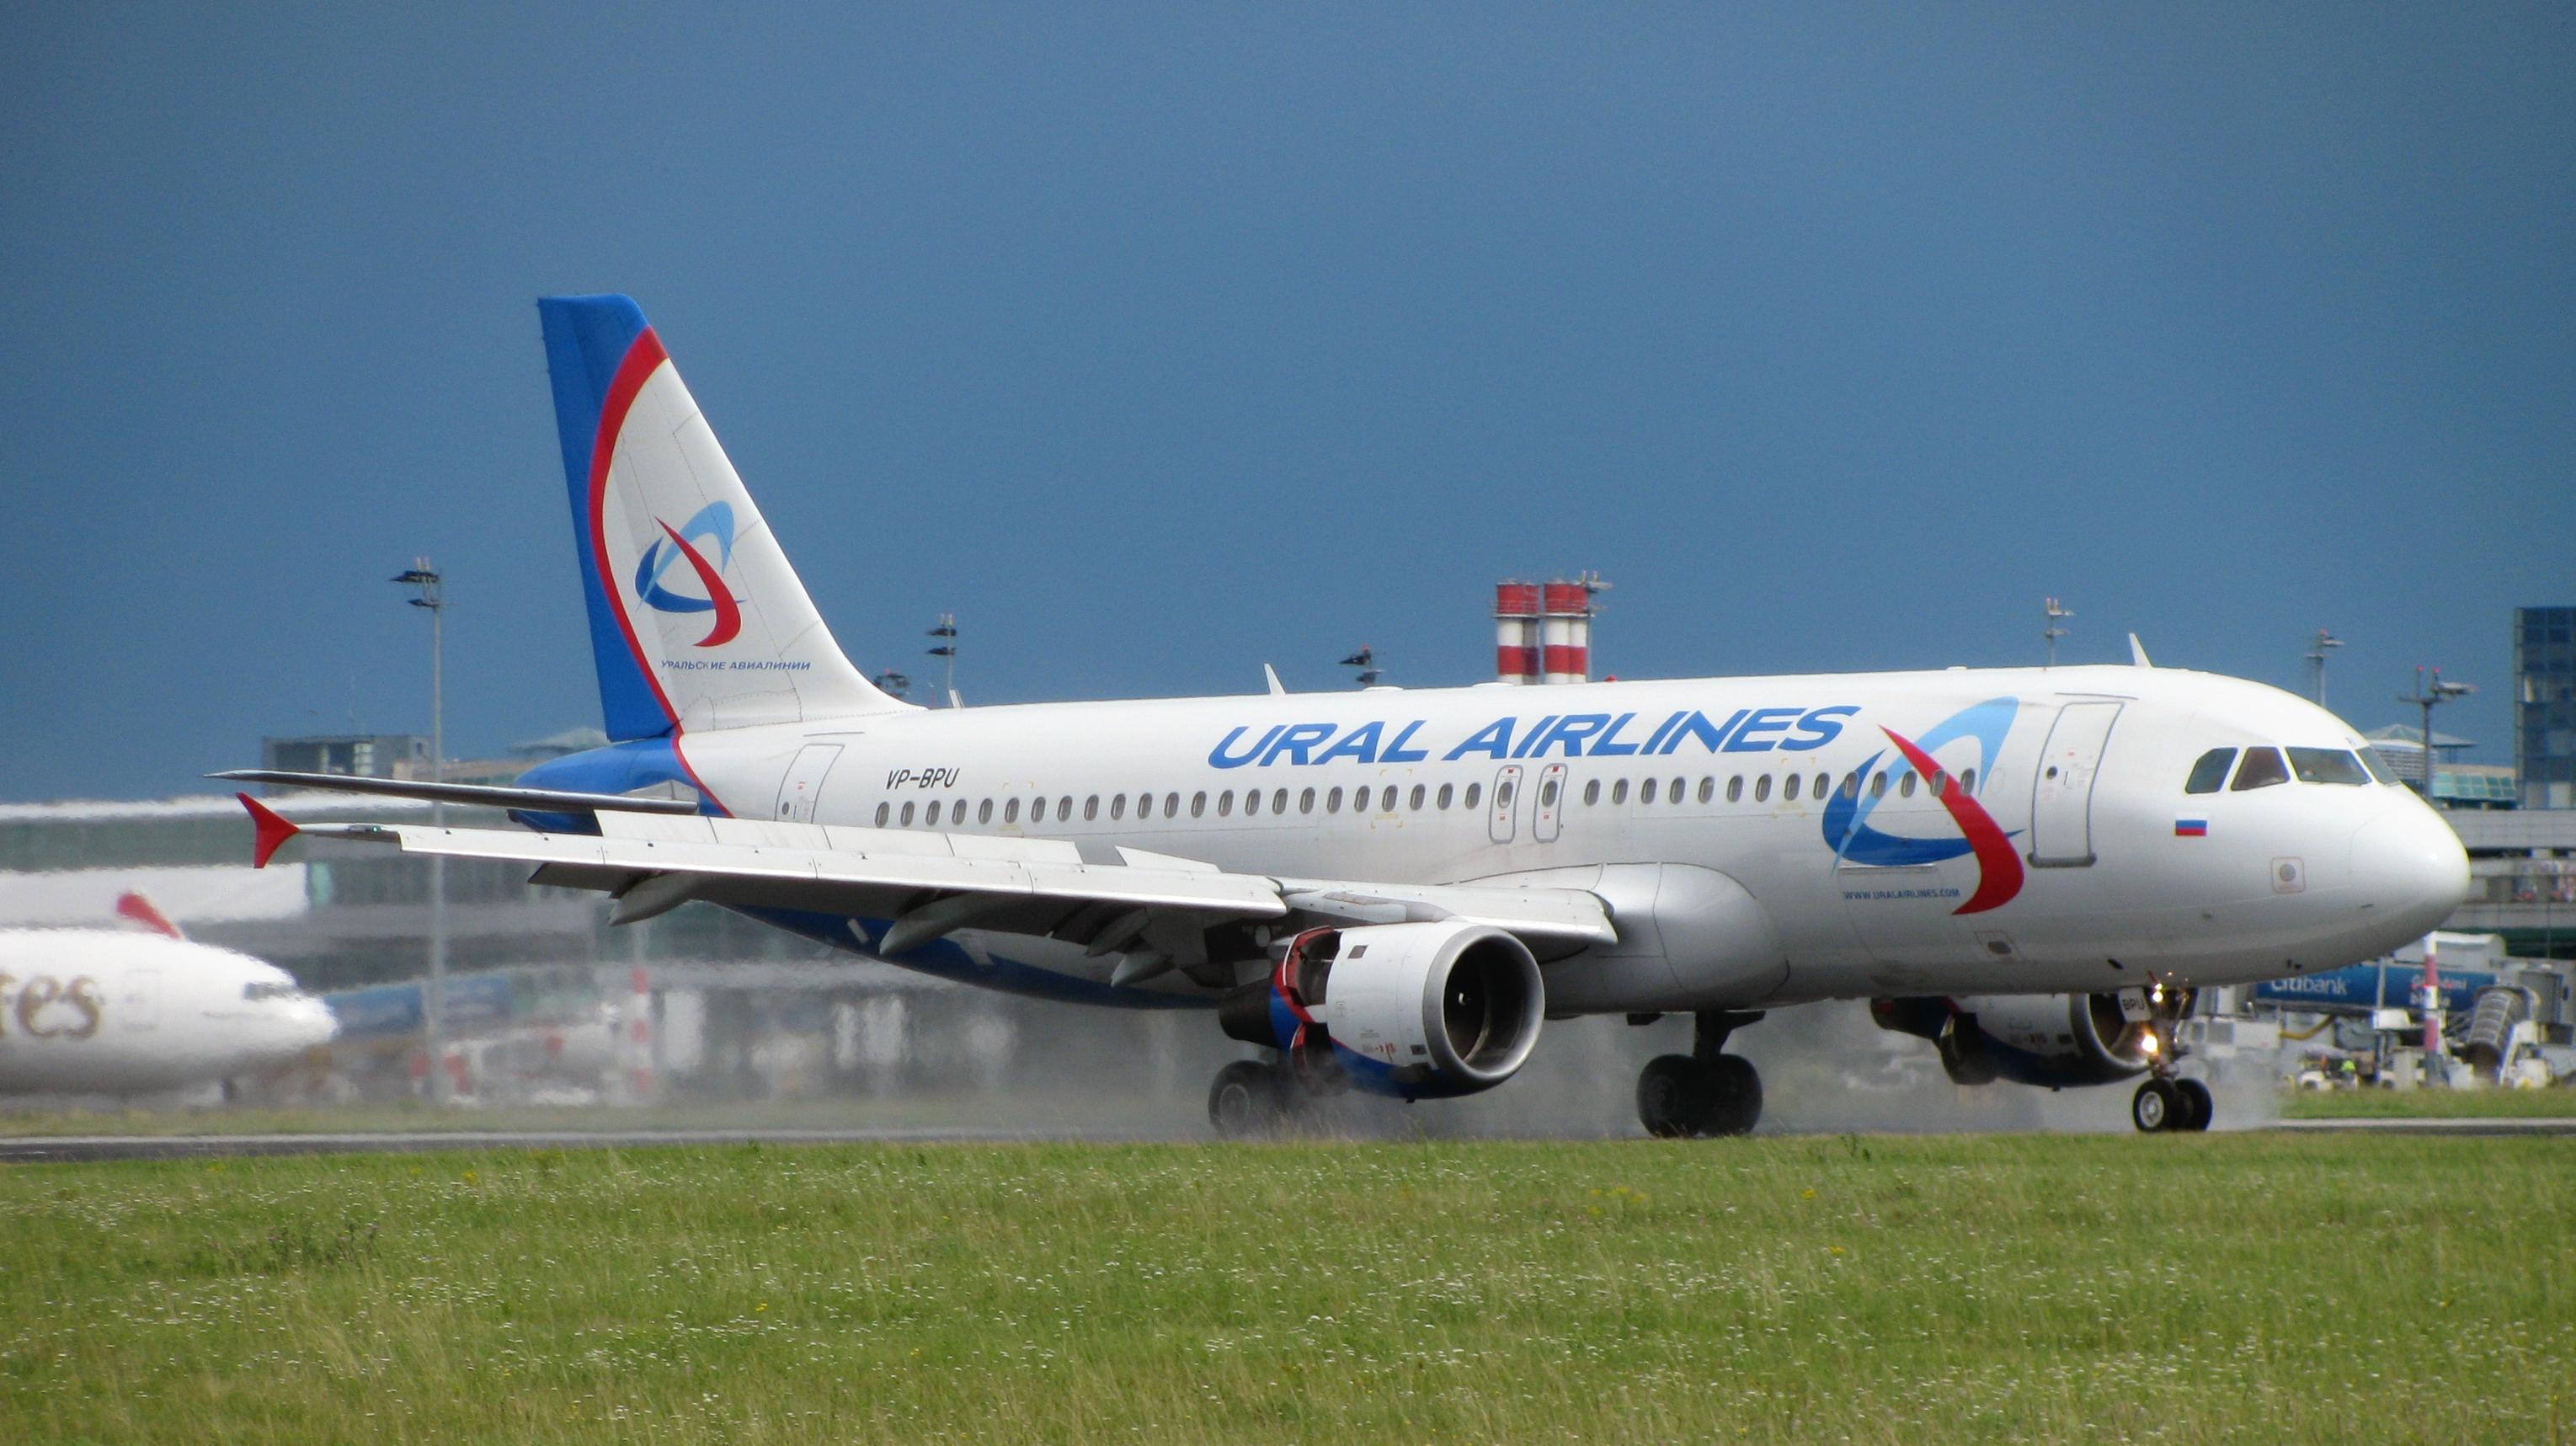 Онлайн-бронирование билетов на рейсы компании «Уральские авиалинии»